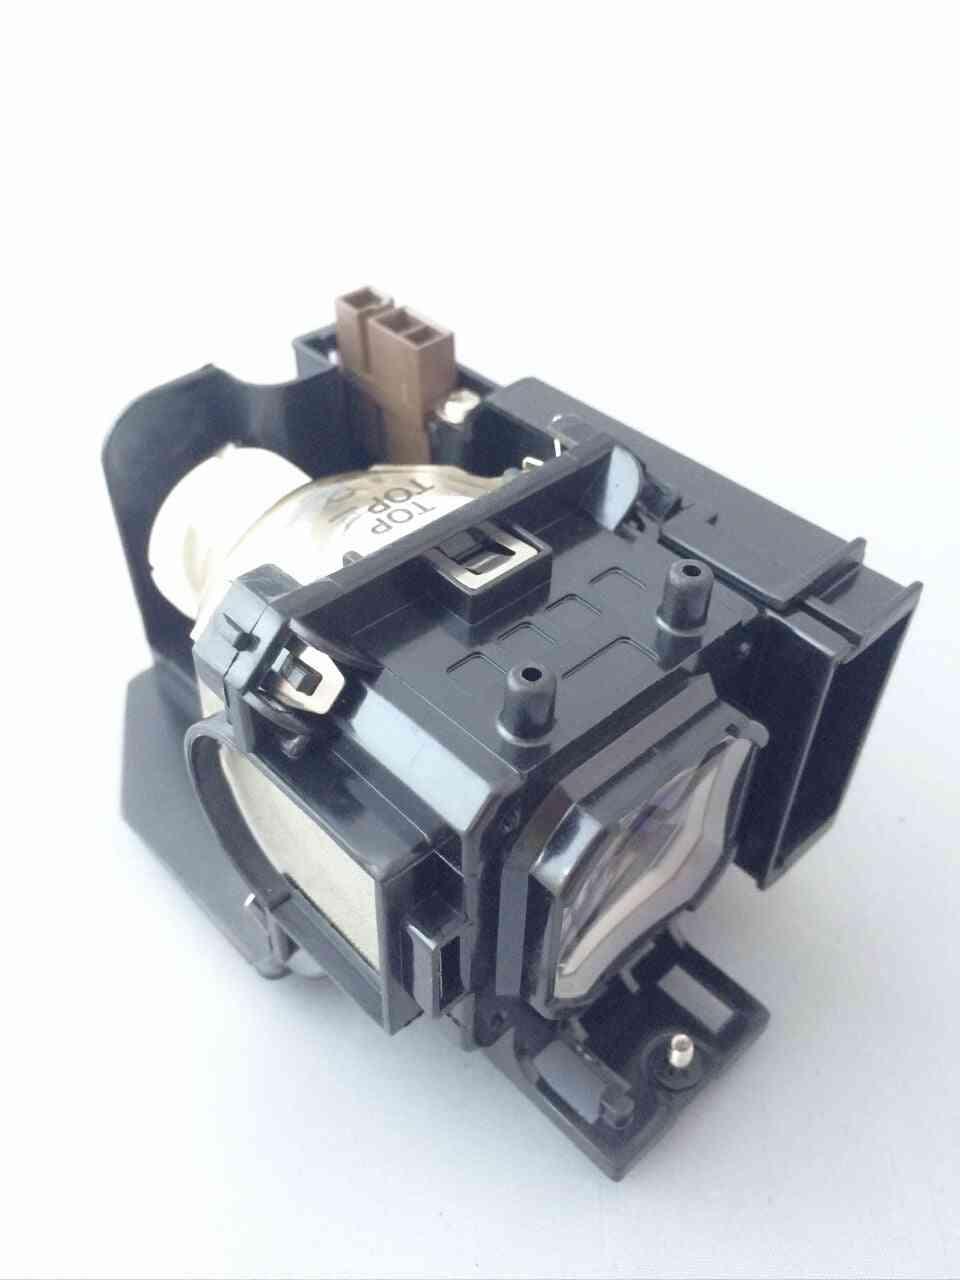 Cheap Projector Lamp Vt85lp For Vt480/vt490/vt491/vt495/vt580/vt590/vt595/vt695